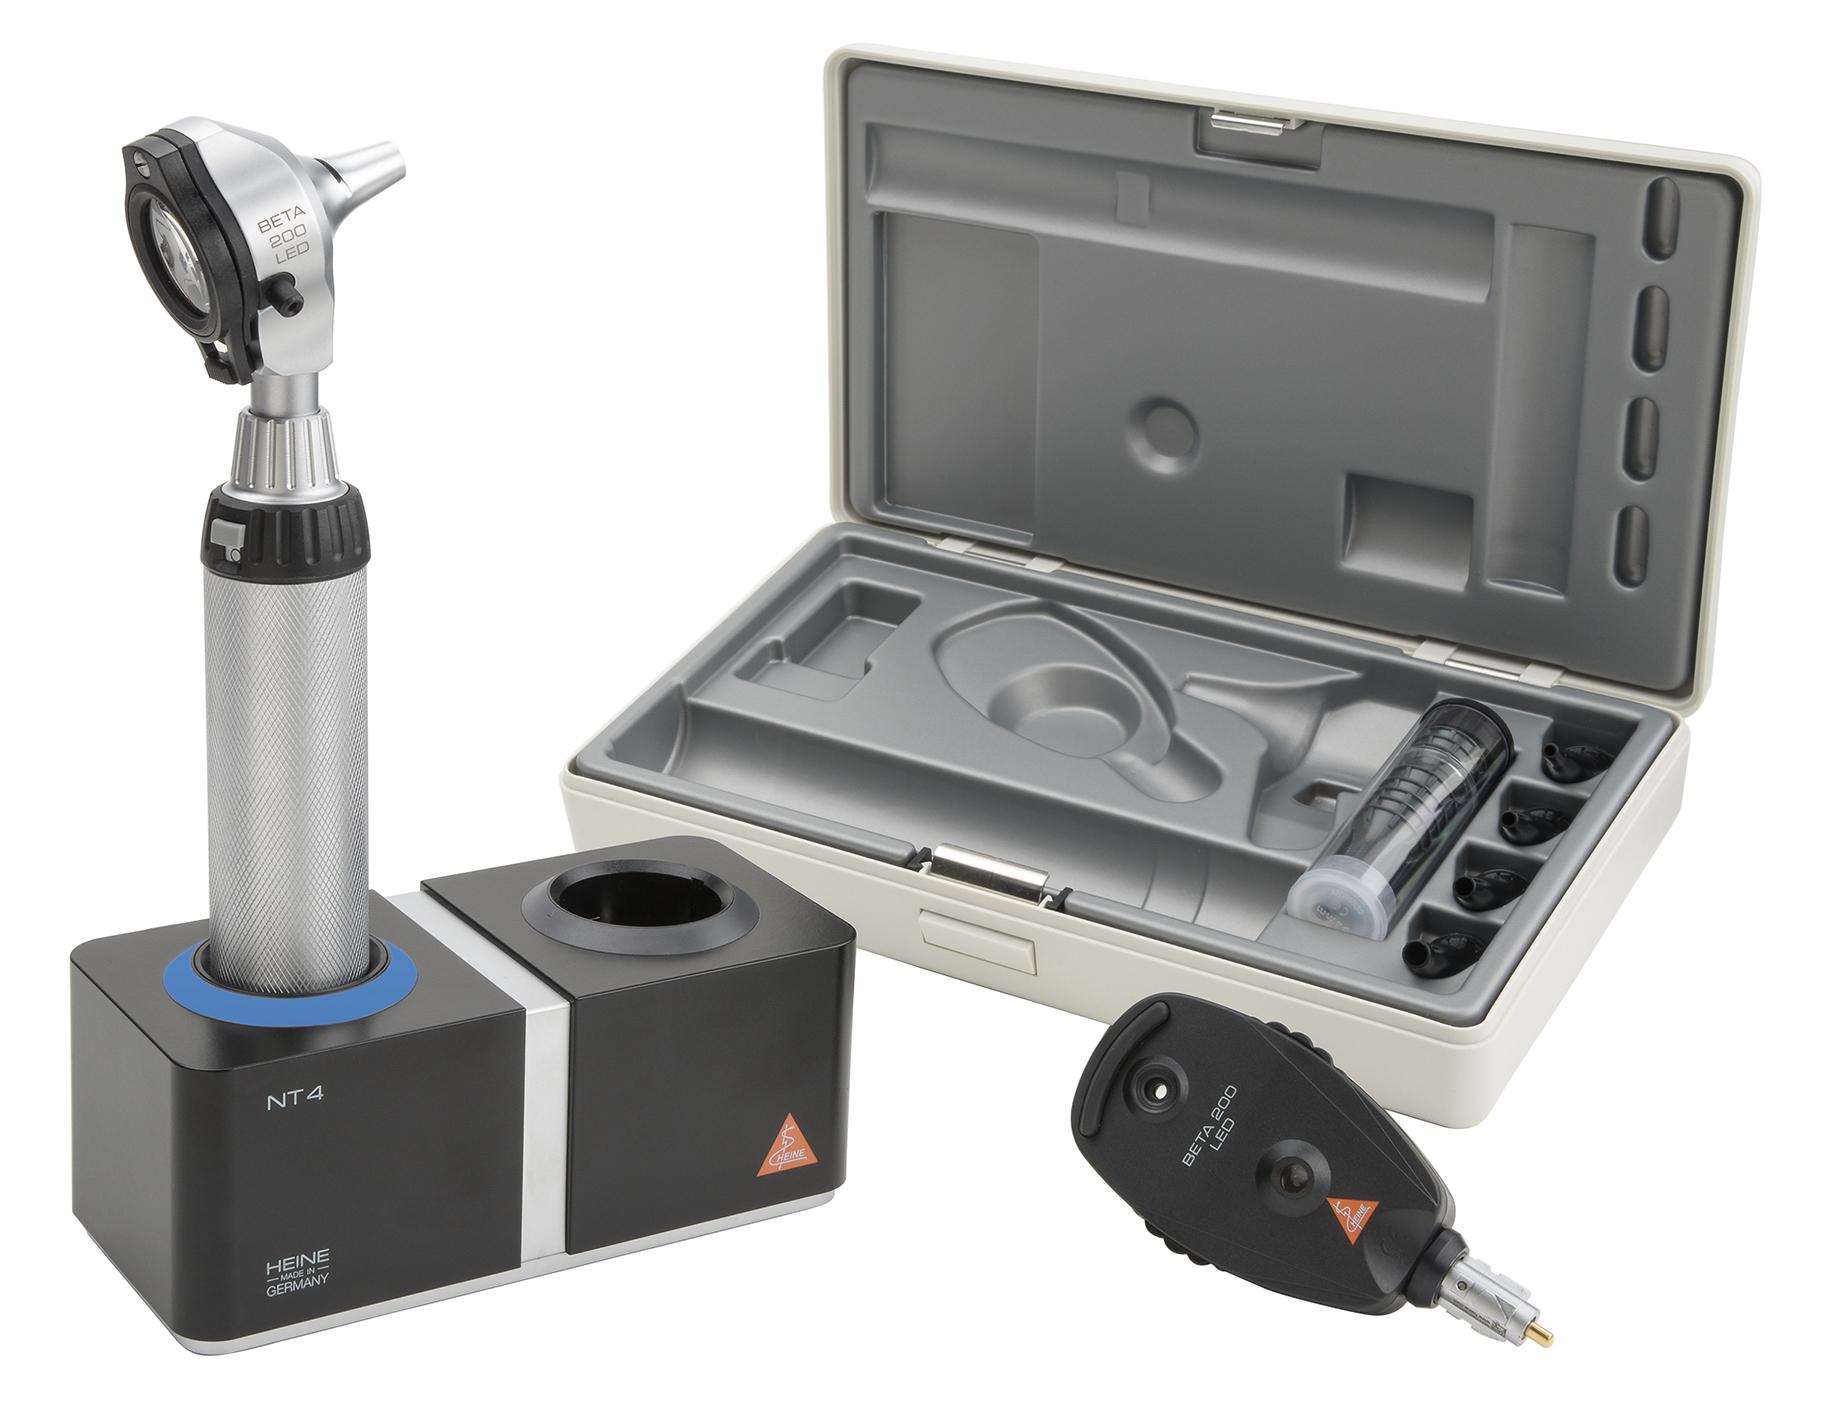 BETA 200 LED Ophthalmoskop/Otoskop Set, BETA 4 NT Ladegriff und NT4, Tisch-Ladegerät